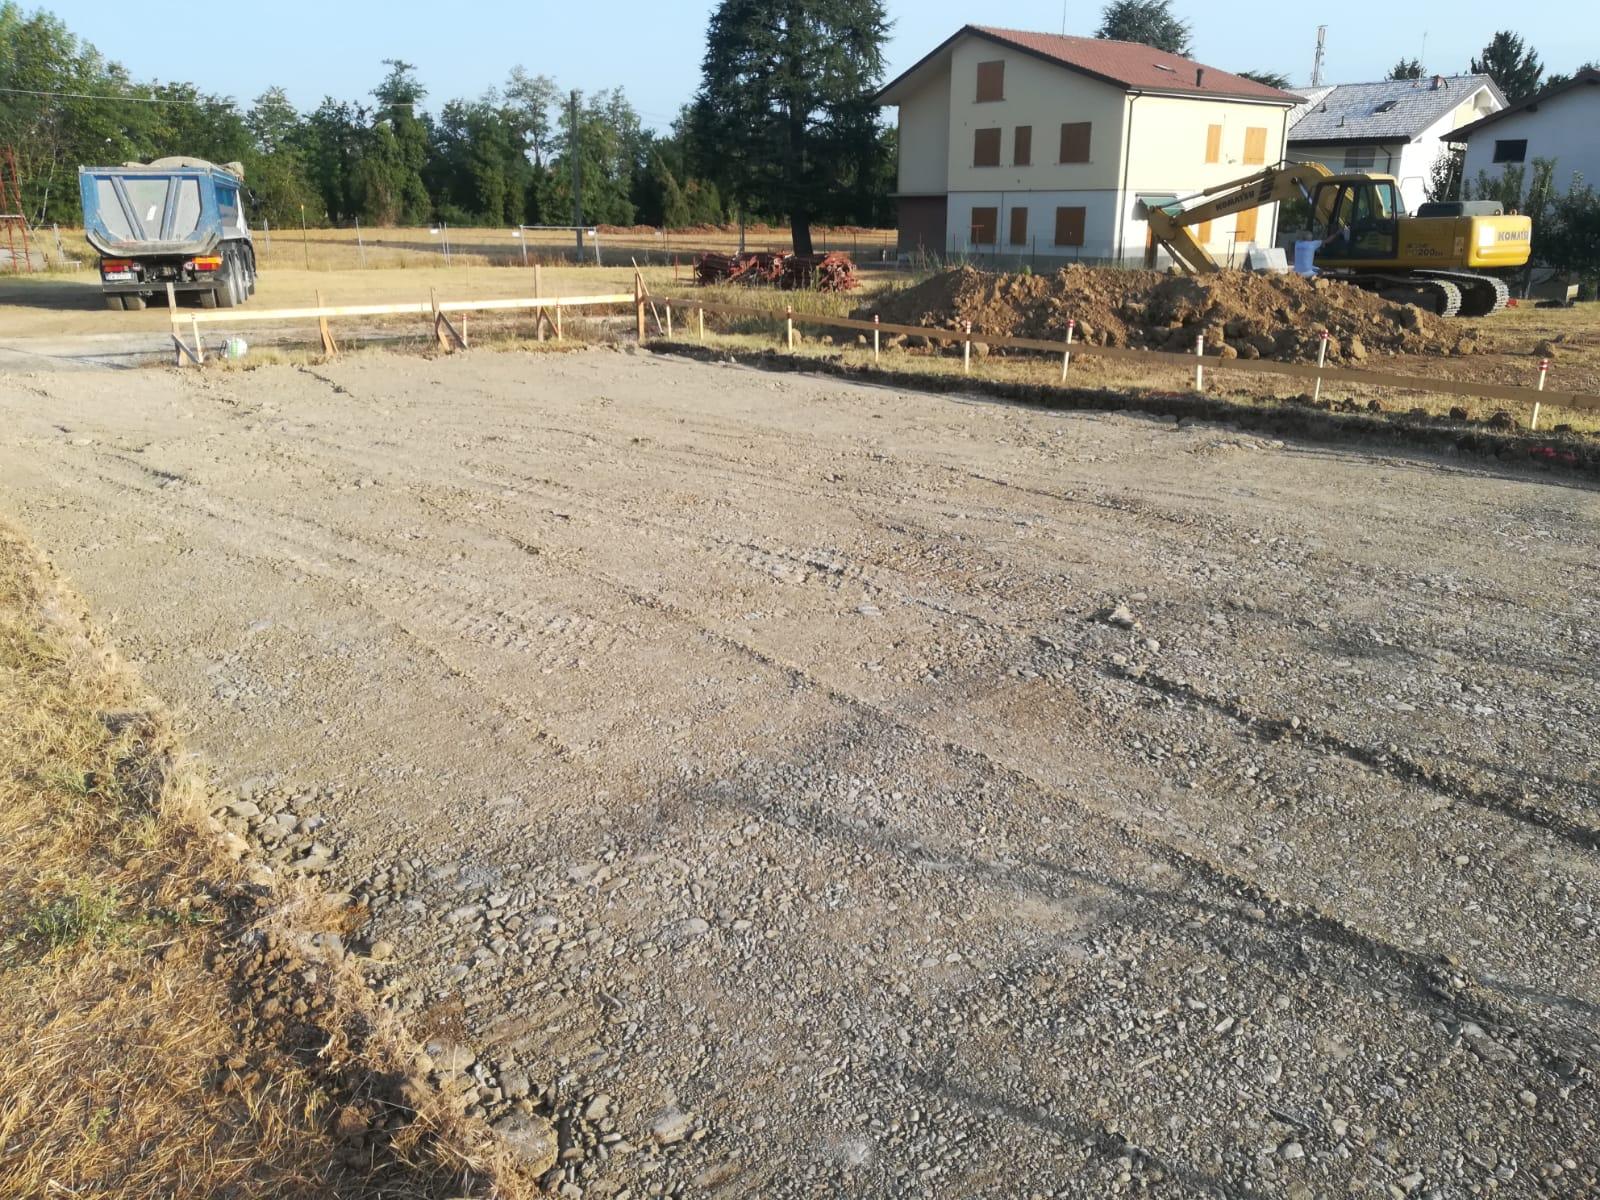 demolizione edil 900 costruzioni canossa val d'enza reggio emilia parma